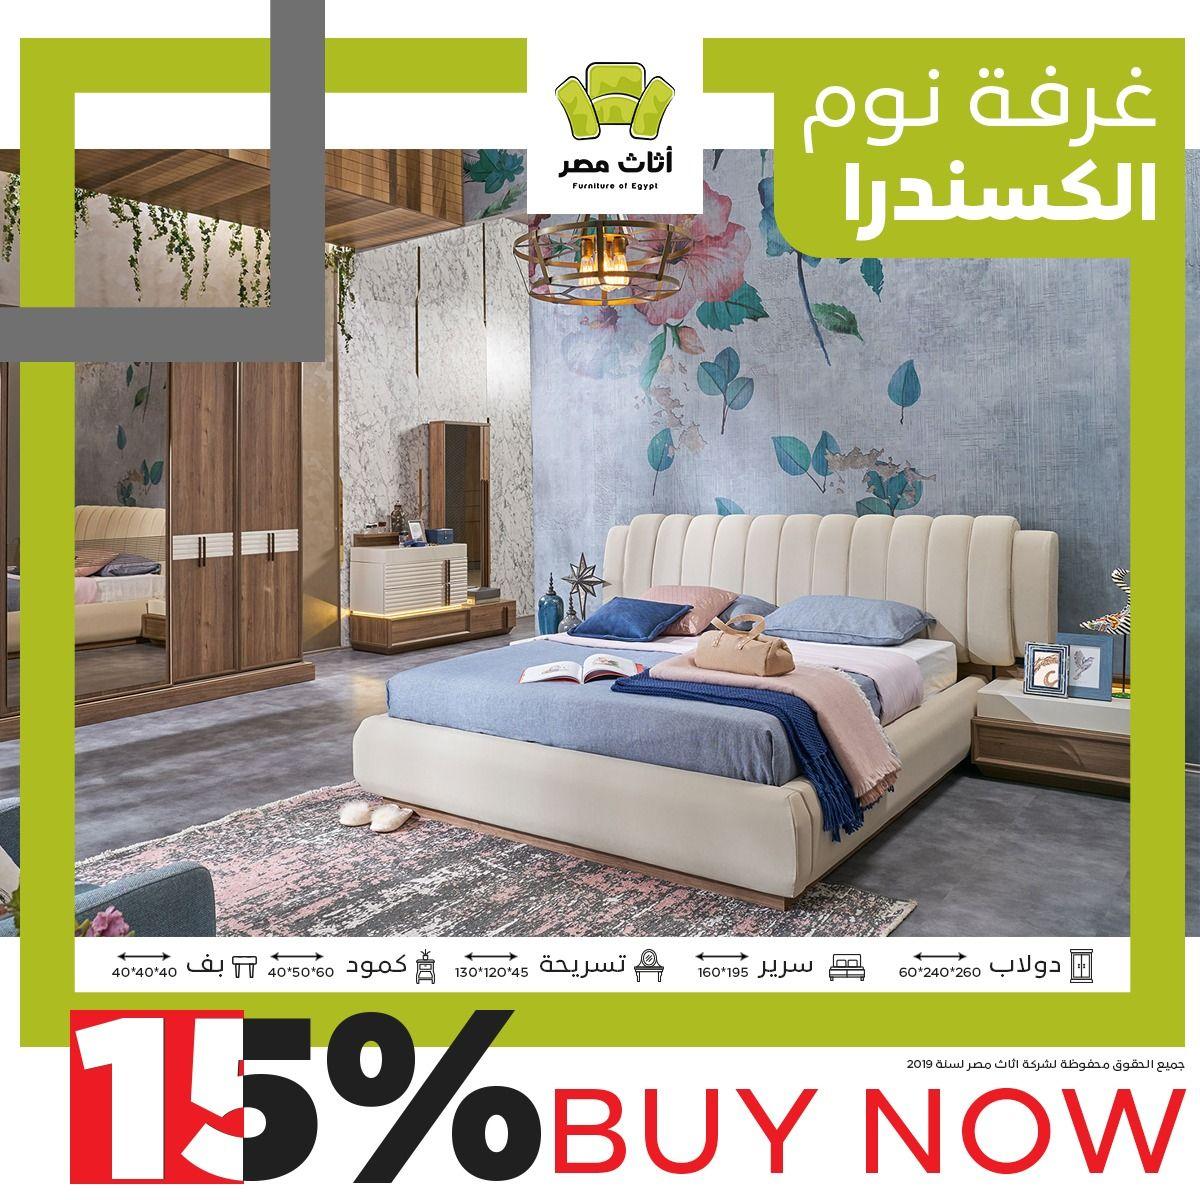 غرفه نوم الكساندرا بخصم 15 من اثاث مصر Home Decor Master Bedroom Bedroom